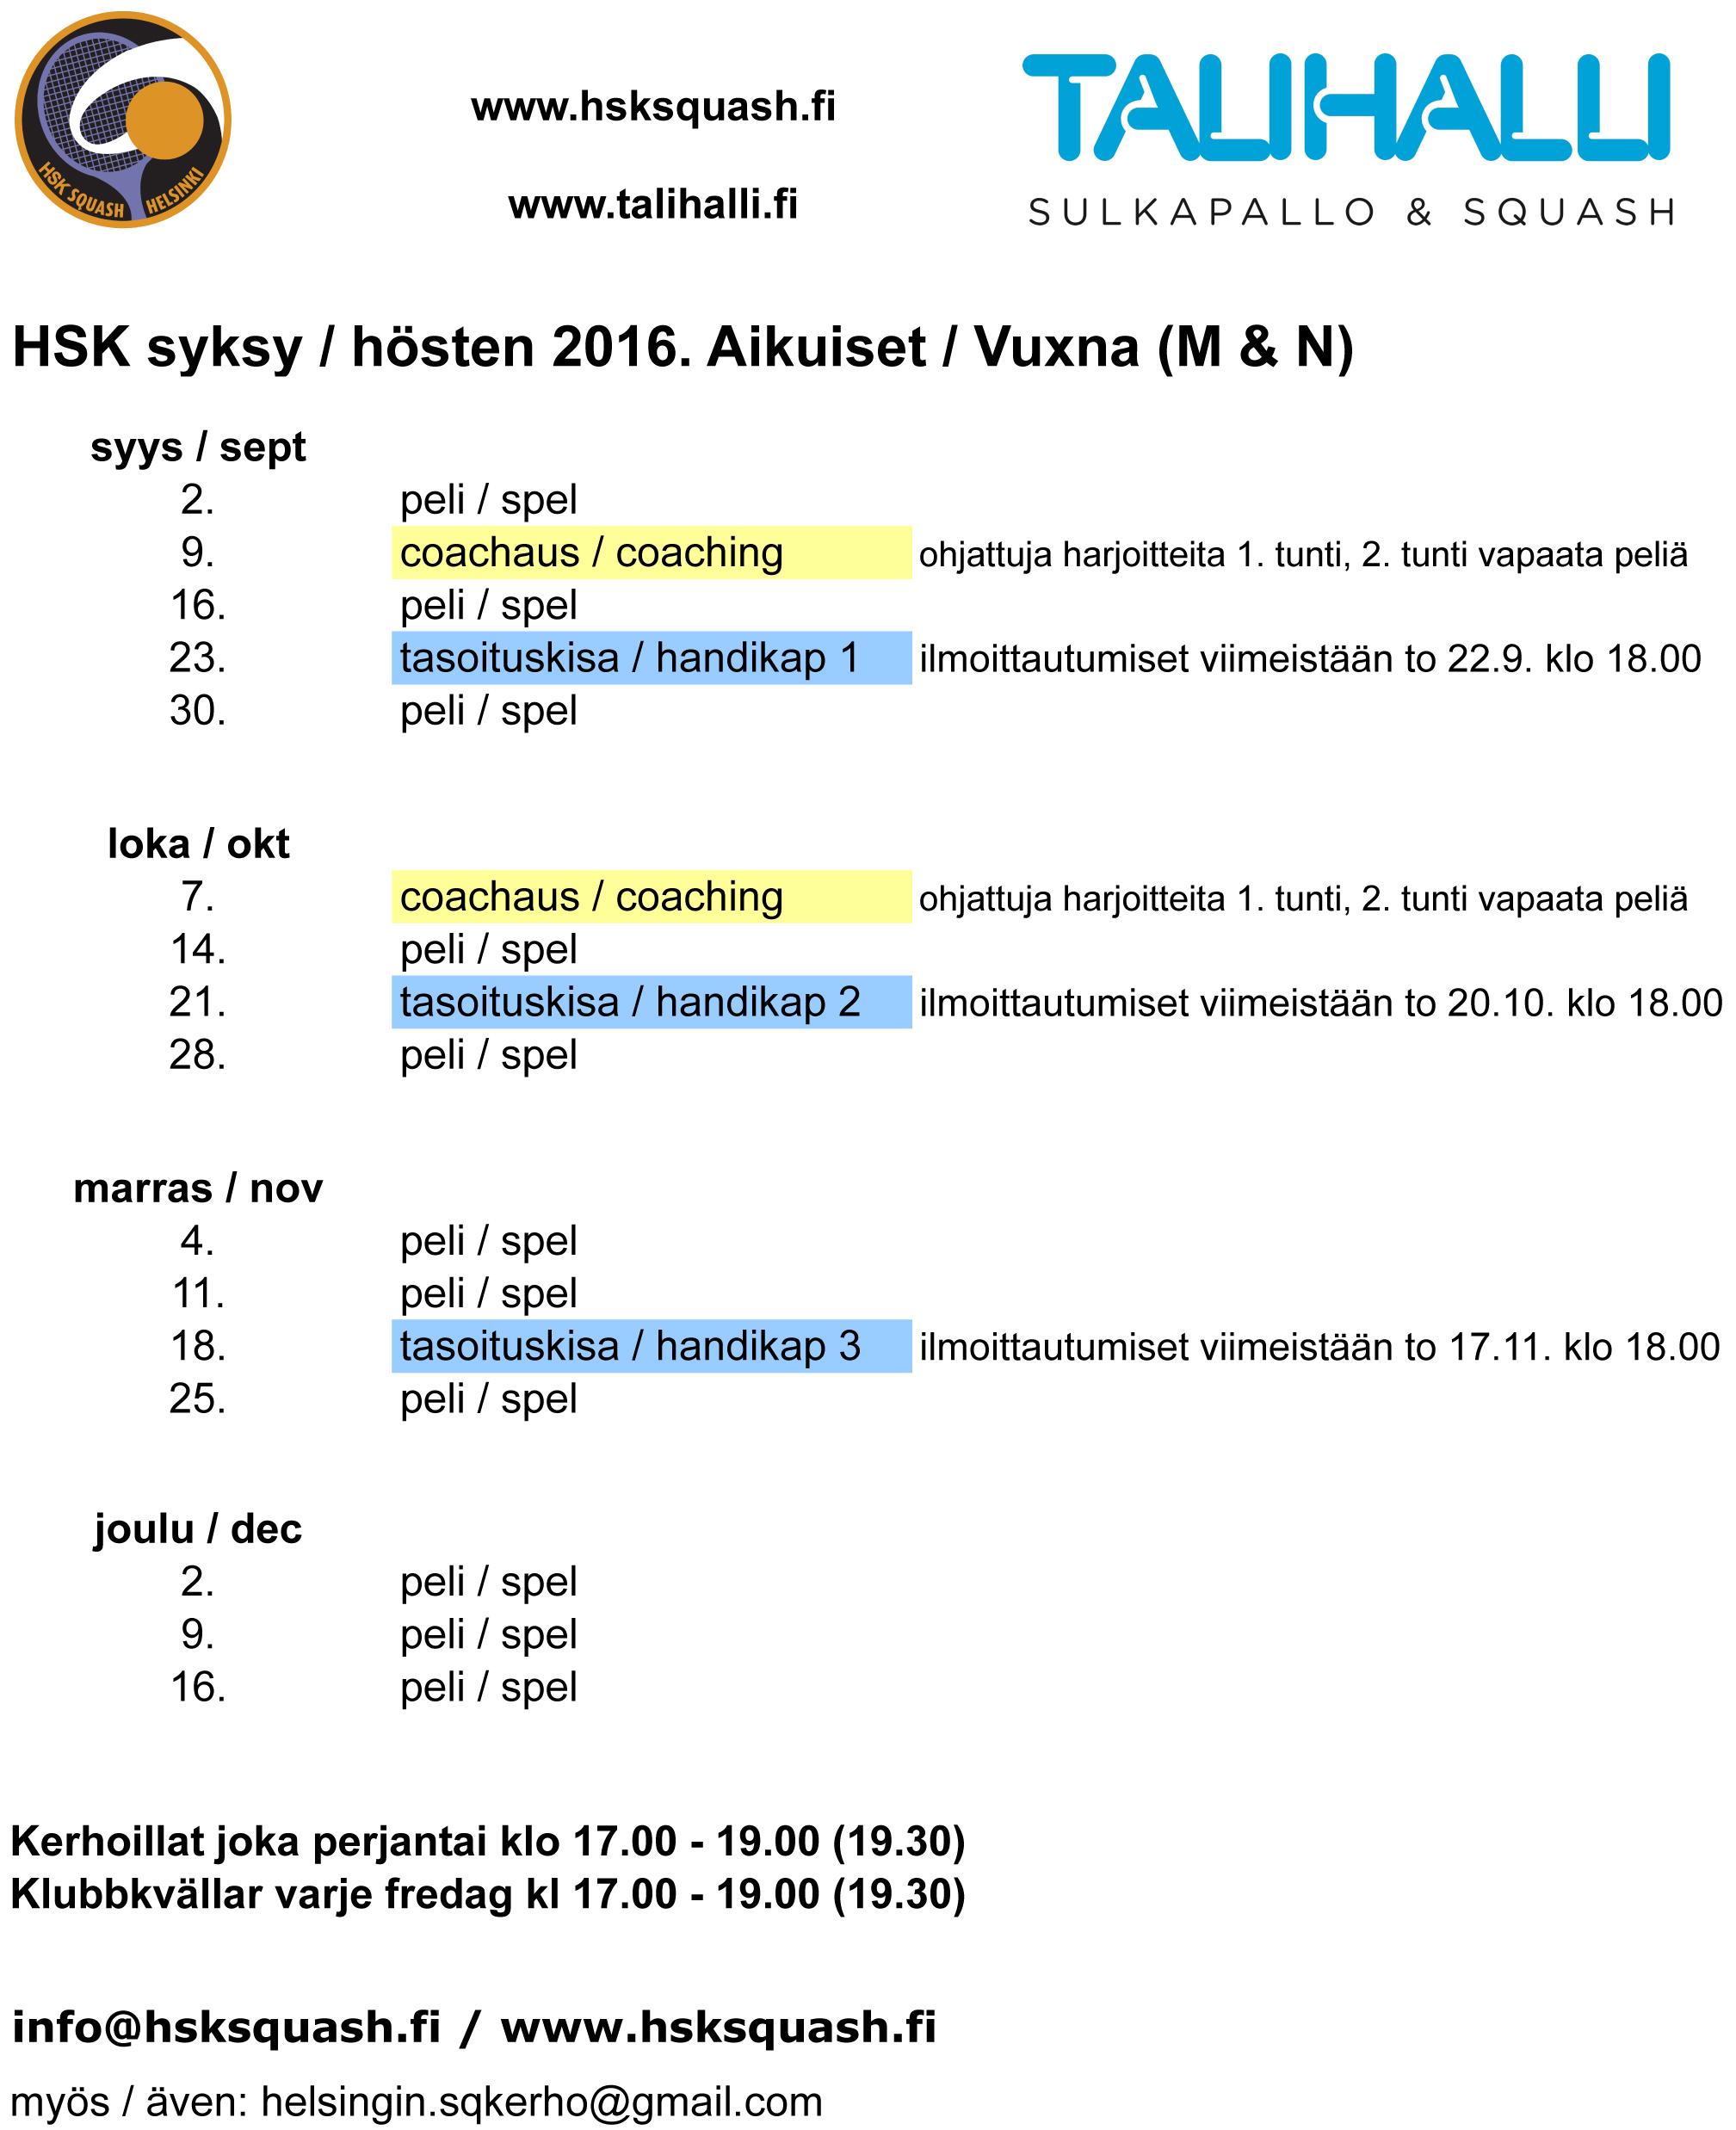 HSK syksy 2016 v1